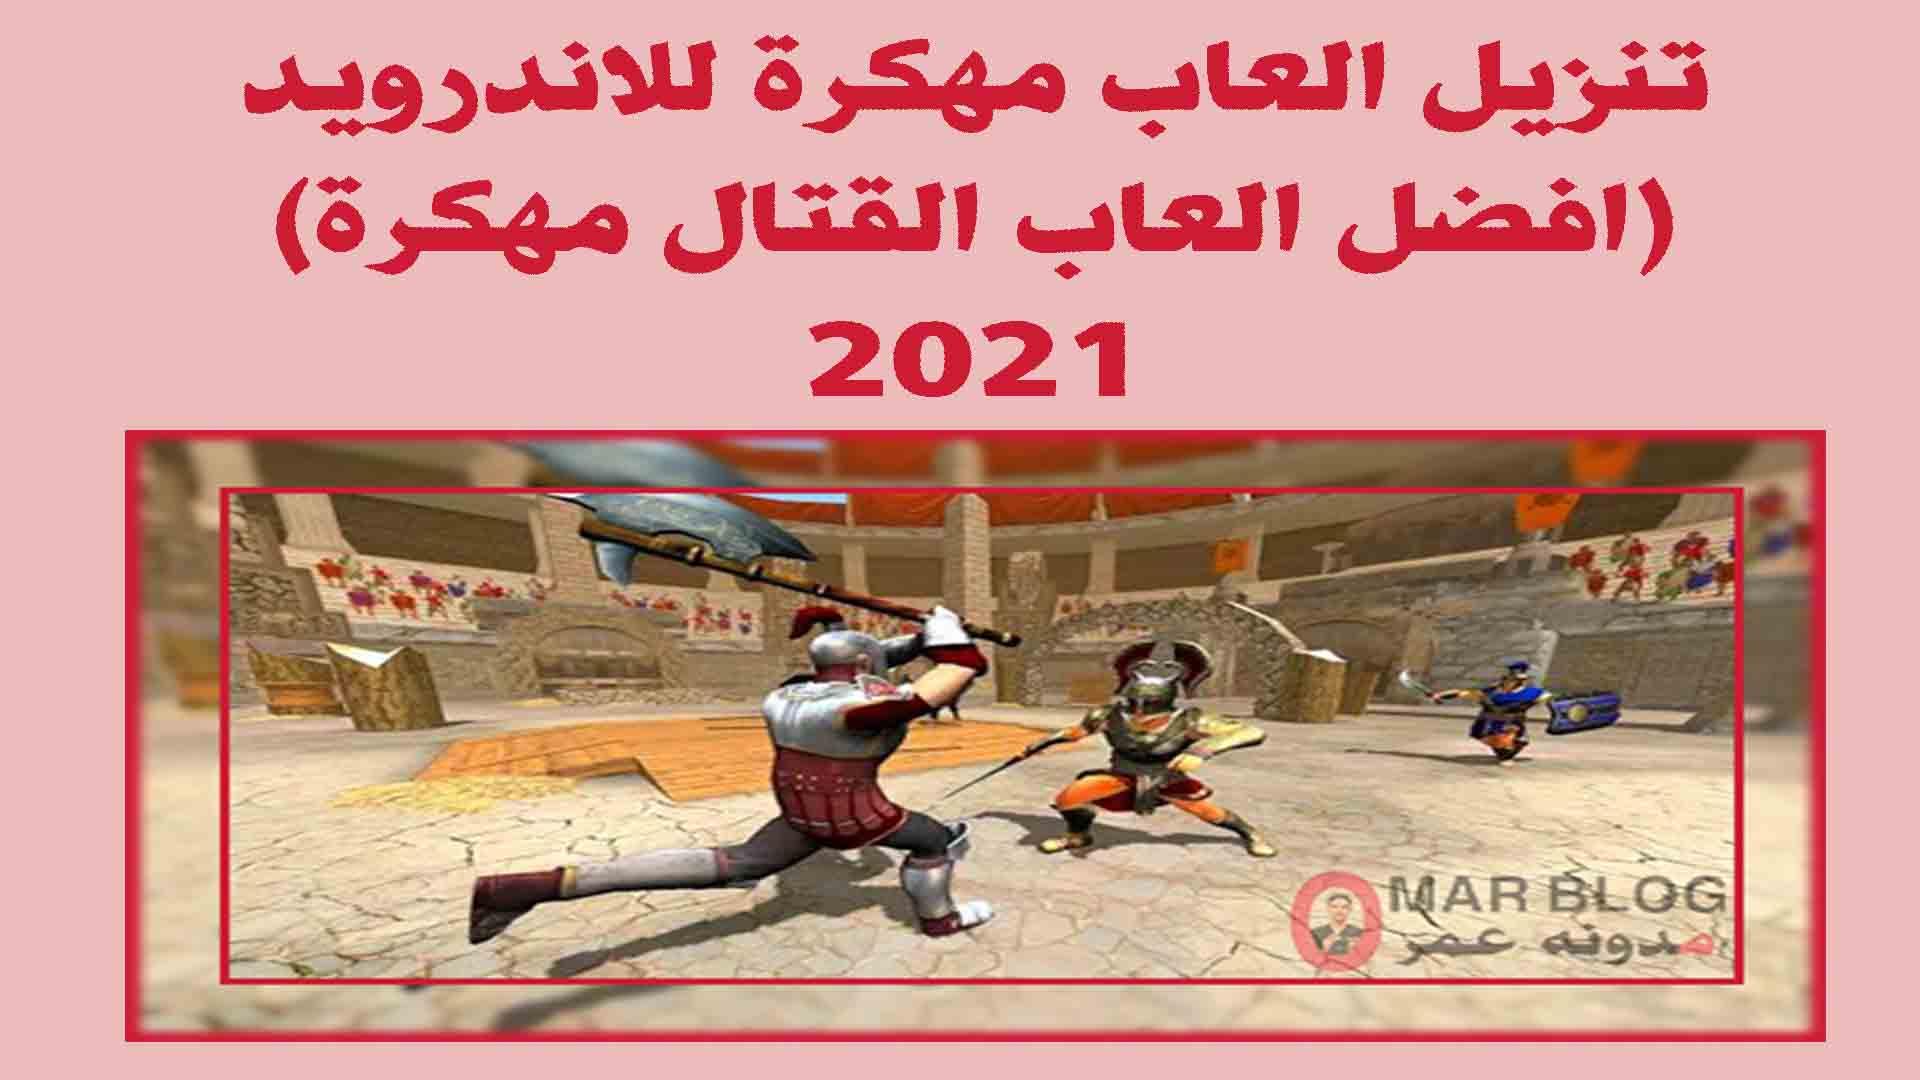 تنزيل العاب مهكرة للاندرويد (افضل العاب القتال مهكرة) 2021